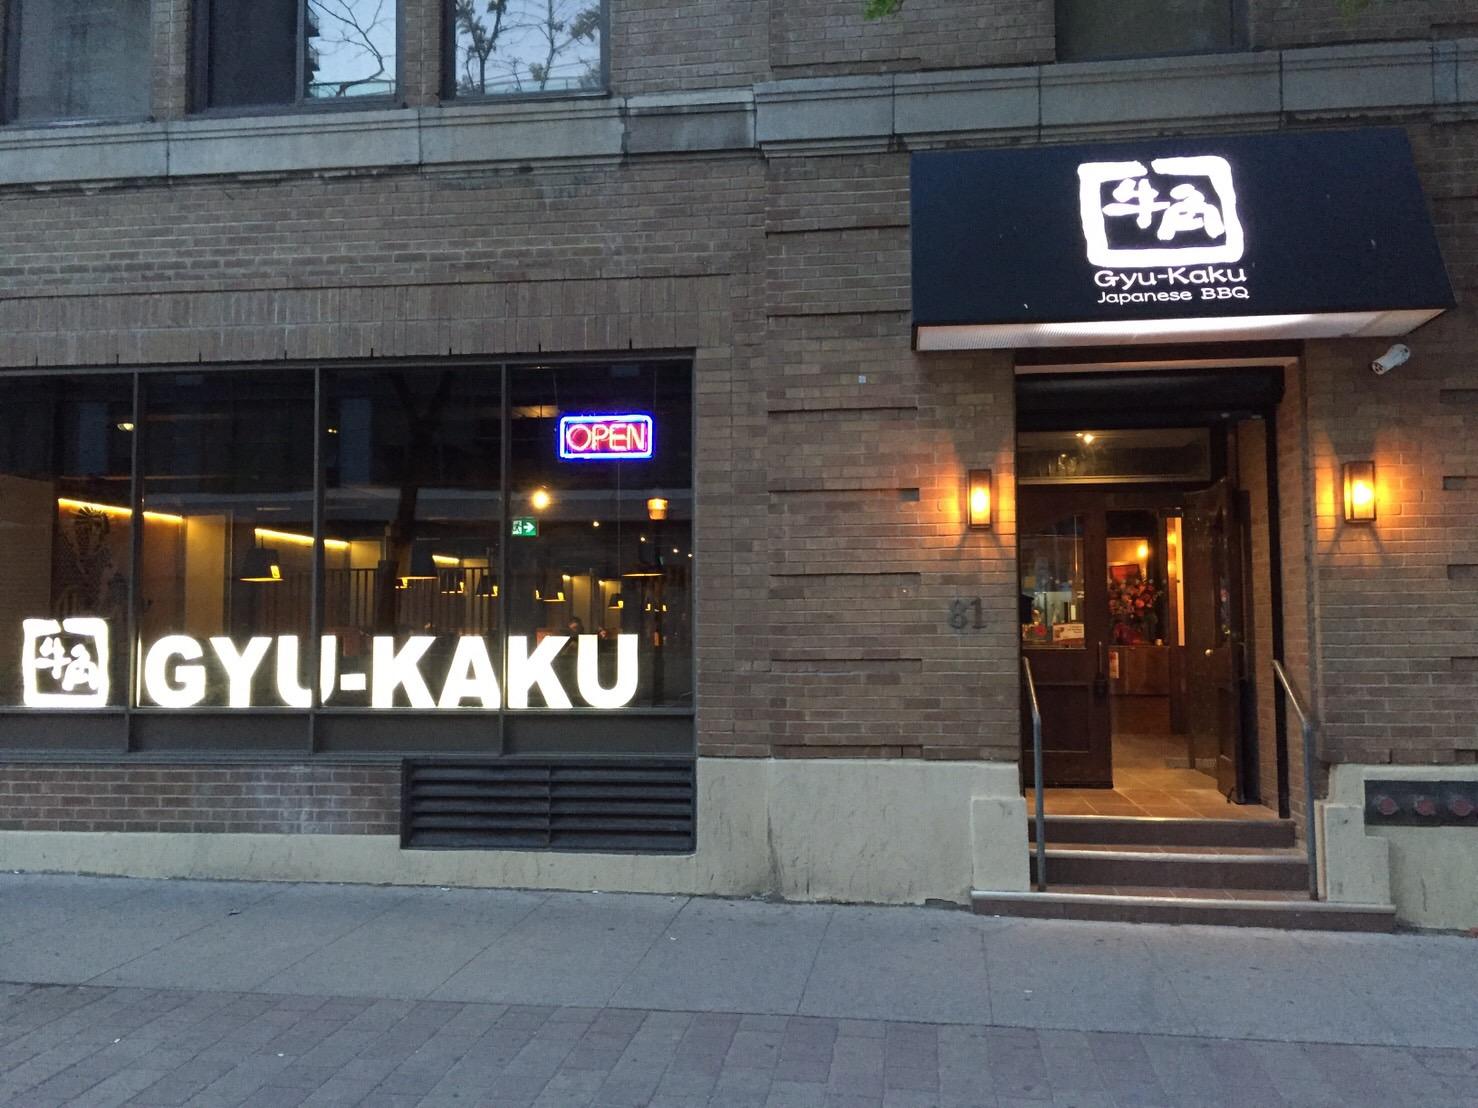 Gyu-Kaku Toronto Exterior